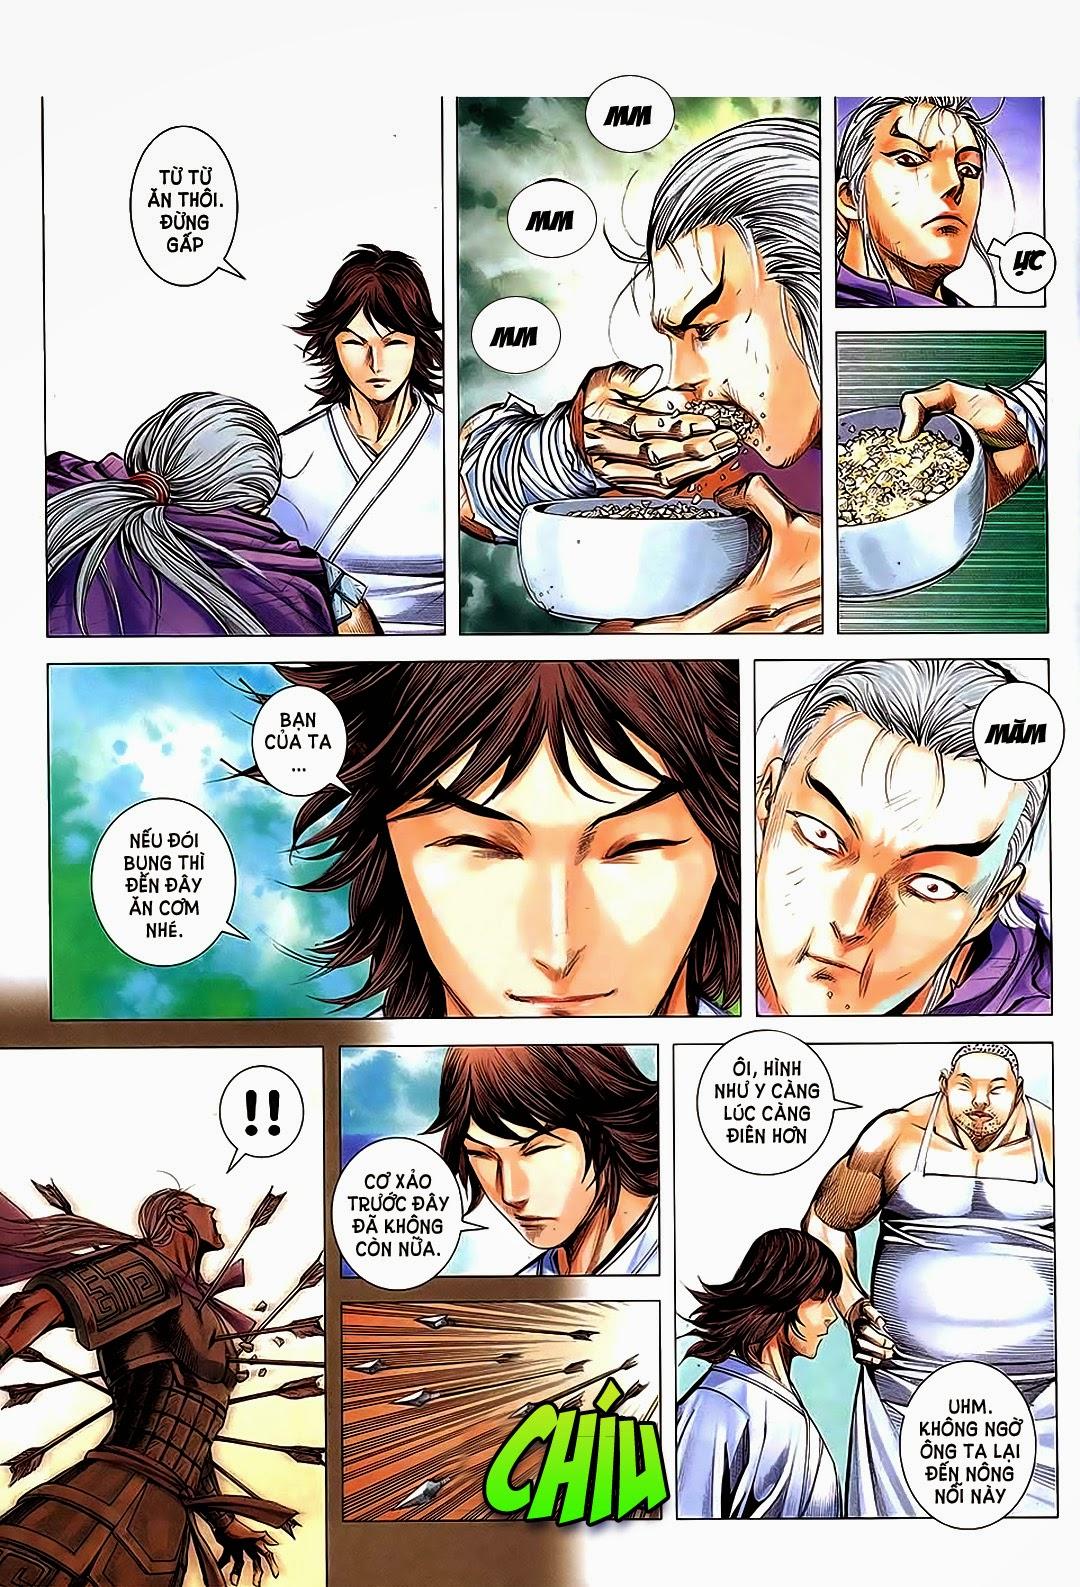 Phong Thần Ký chap 182 – End Trang 5 - Mangak.info